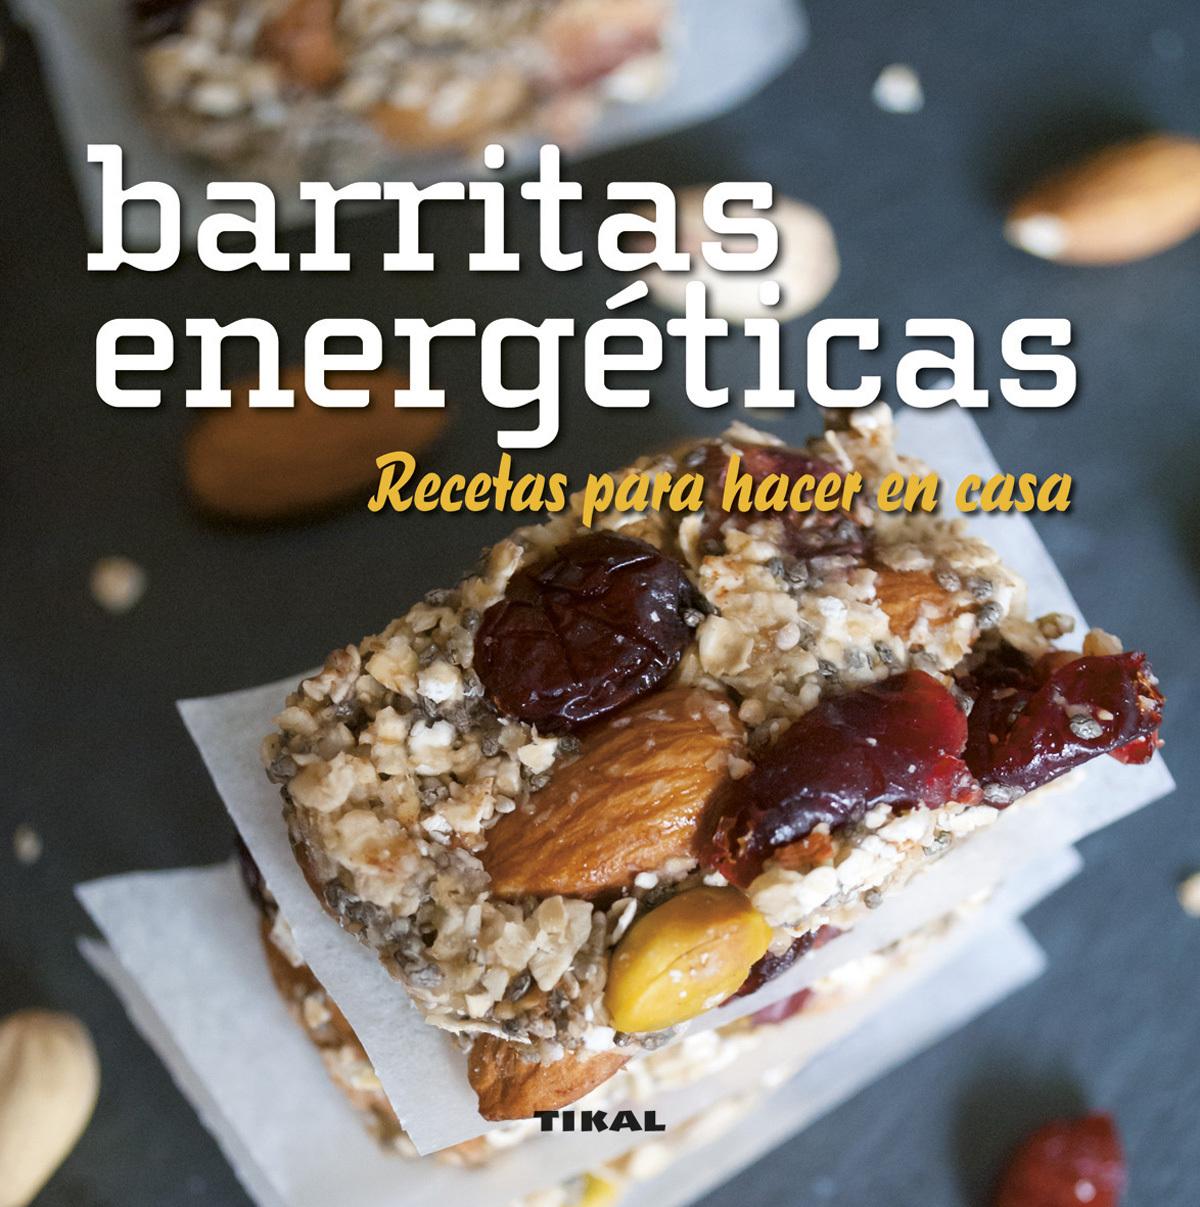 BARRITAS ENERGÉTICAS. RECETAS PARA HACER EN CASA